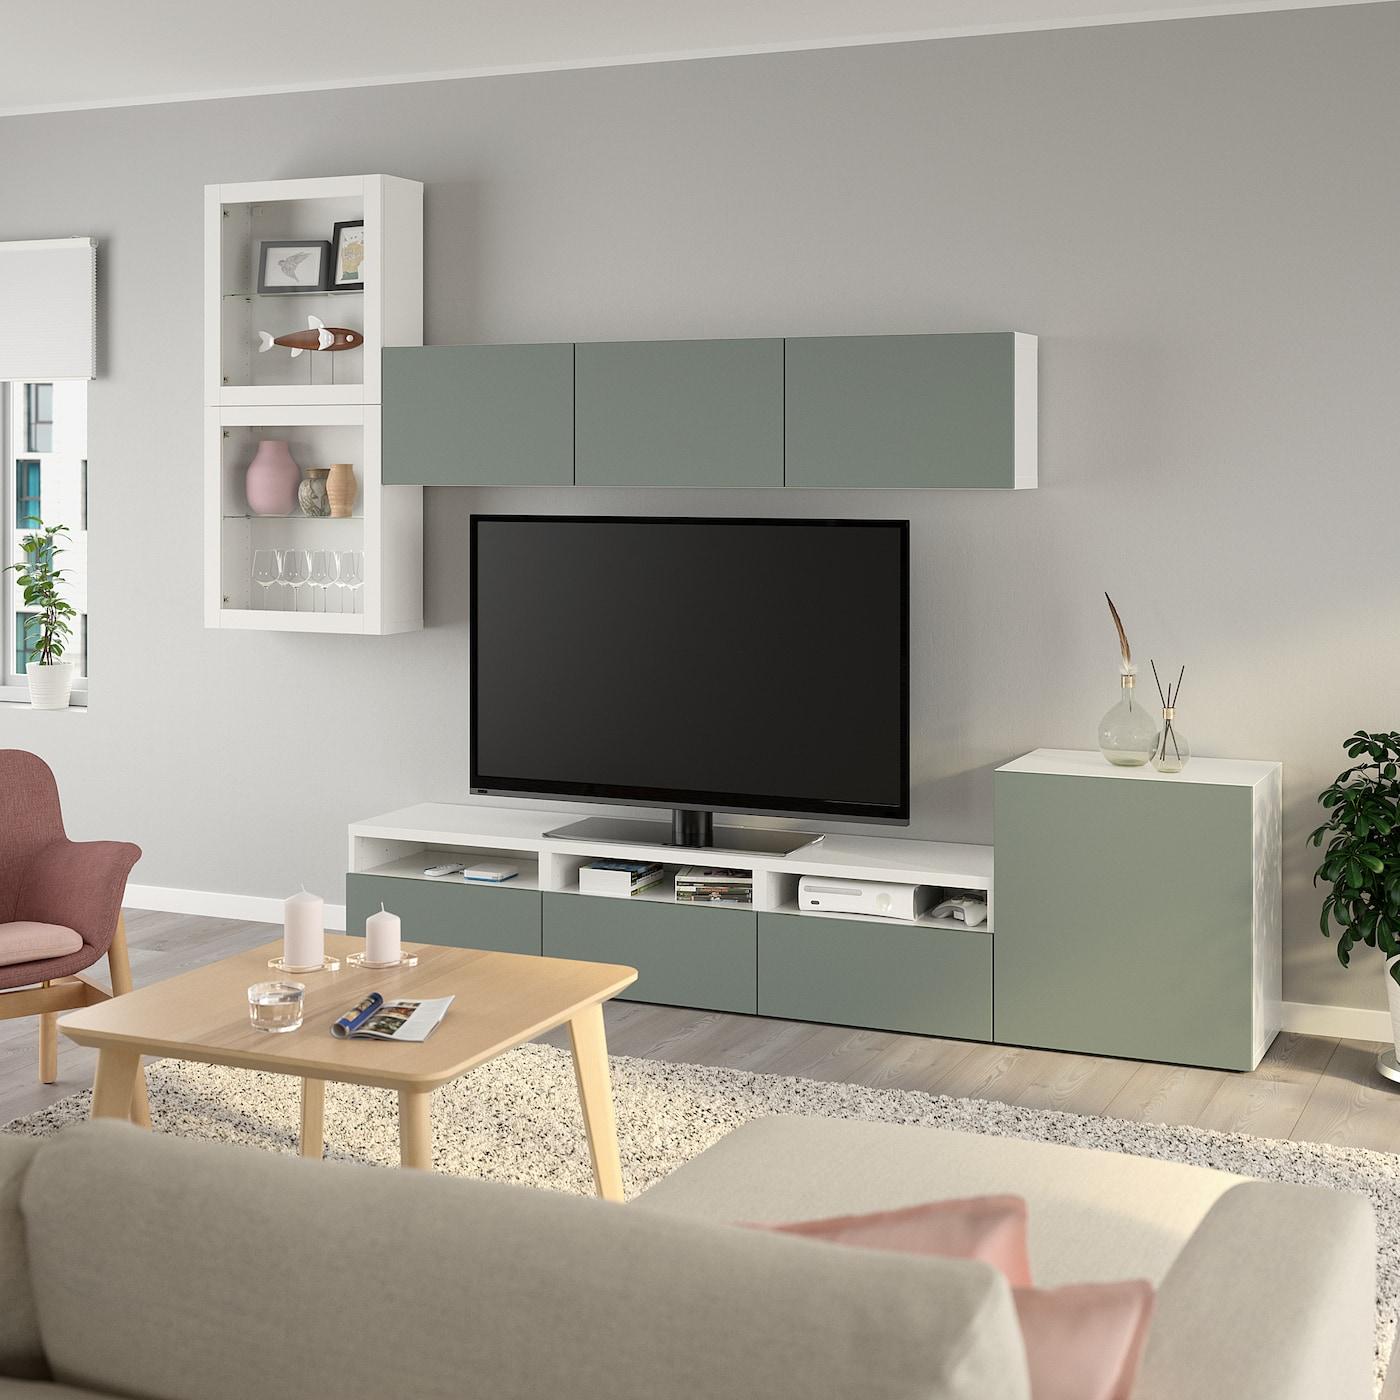 Full Size of Wohnwand Ikea Tv Expedit Entertainment Center Küche Kosten Sofa Mit Schlaffunktion Miniküche Kaufen Wohnzimmer Modulküche Betten Bei 160x200 Wohnzimmer Wohnwand Ikea